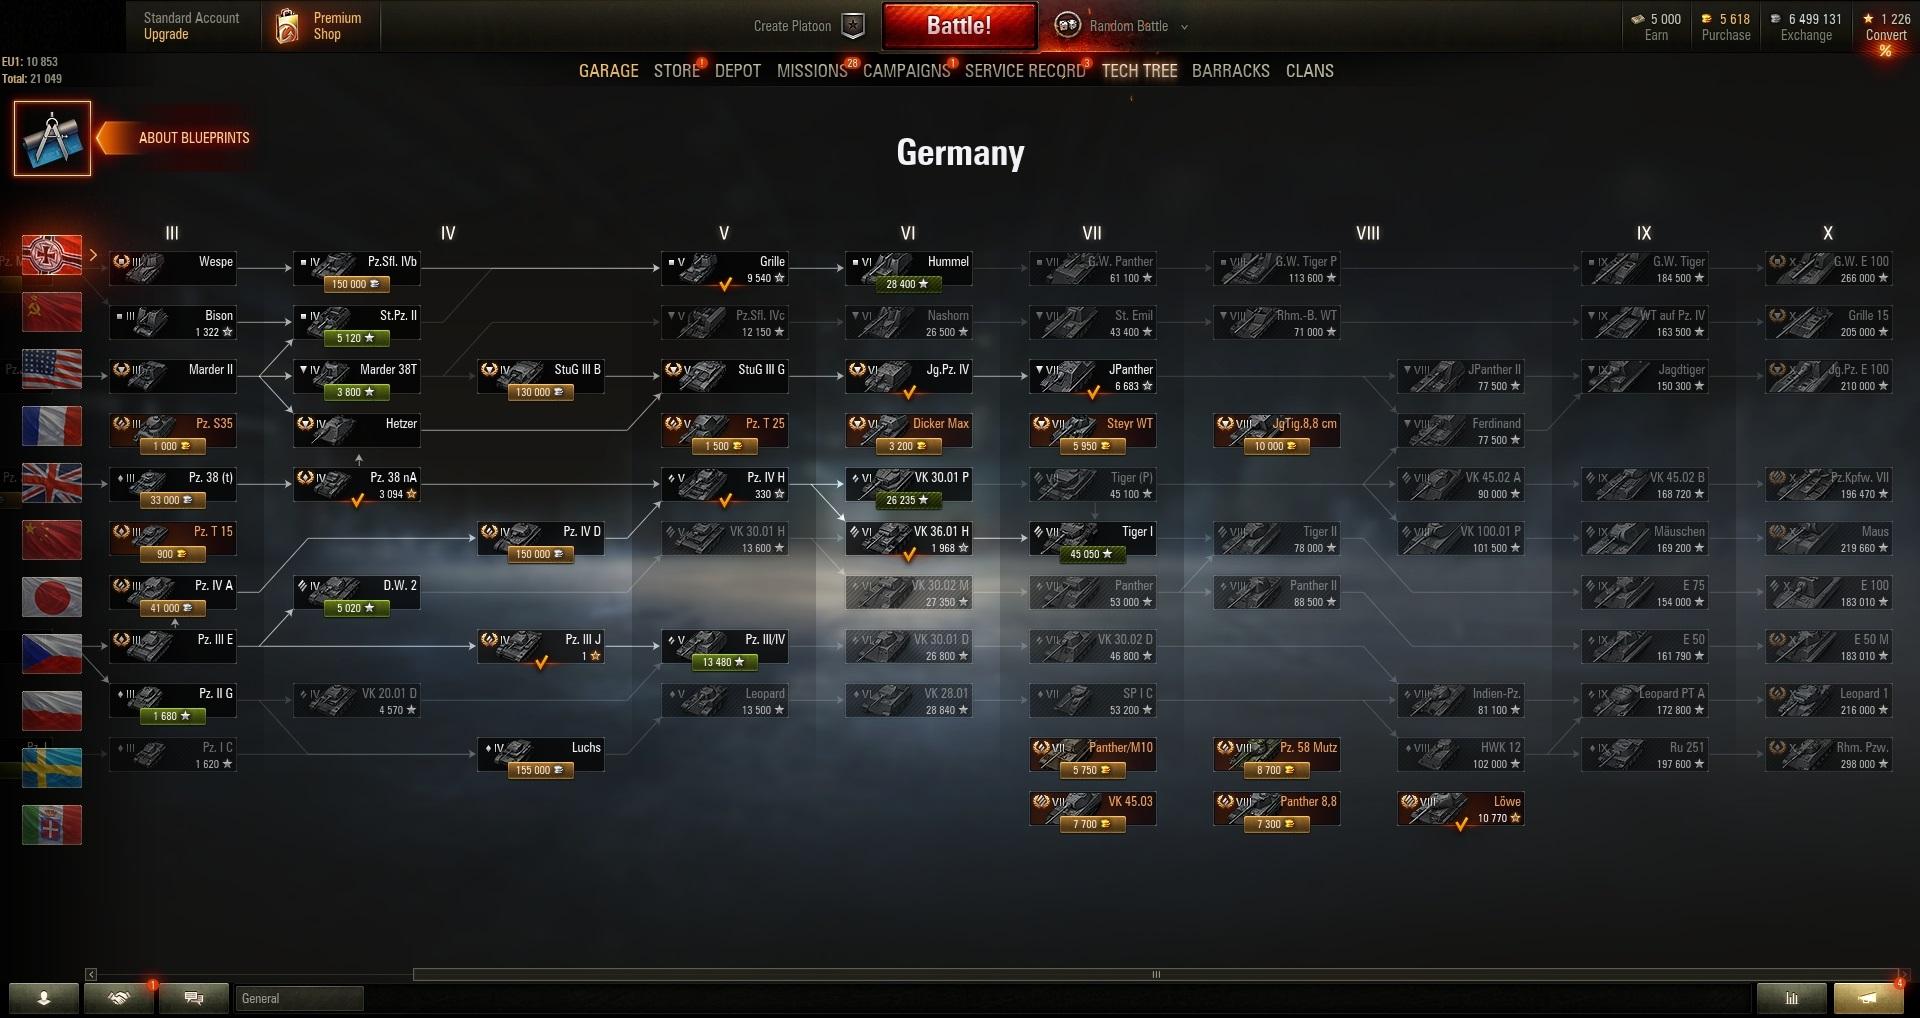 World of Tanks PC EU-Prem  Tank Lowe | Credits: 6 499 131